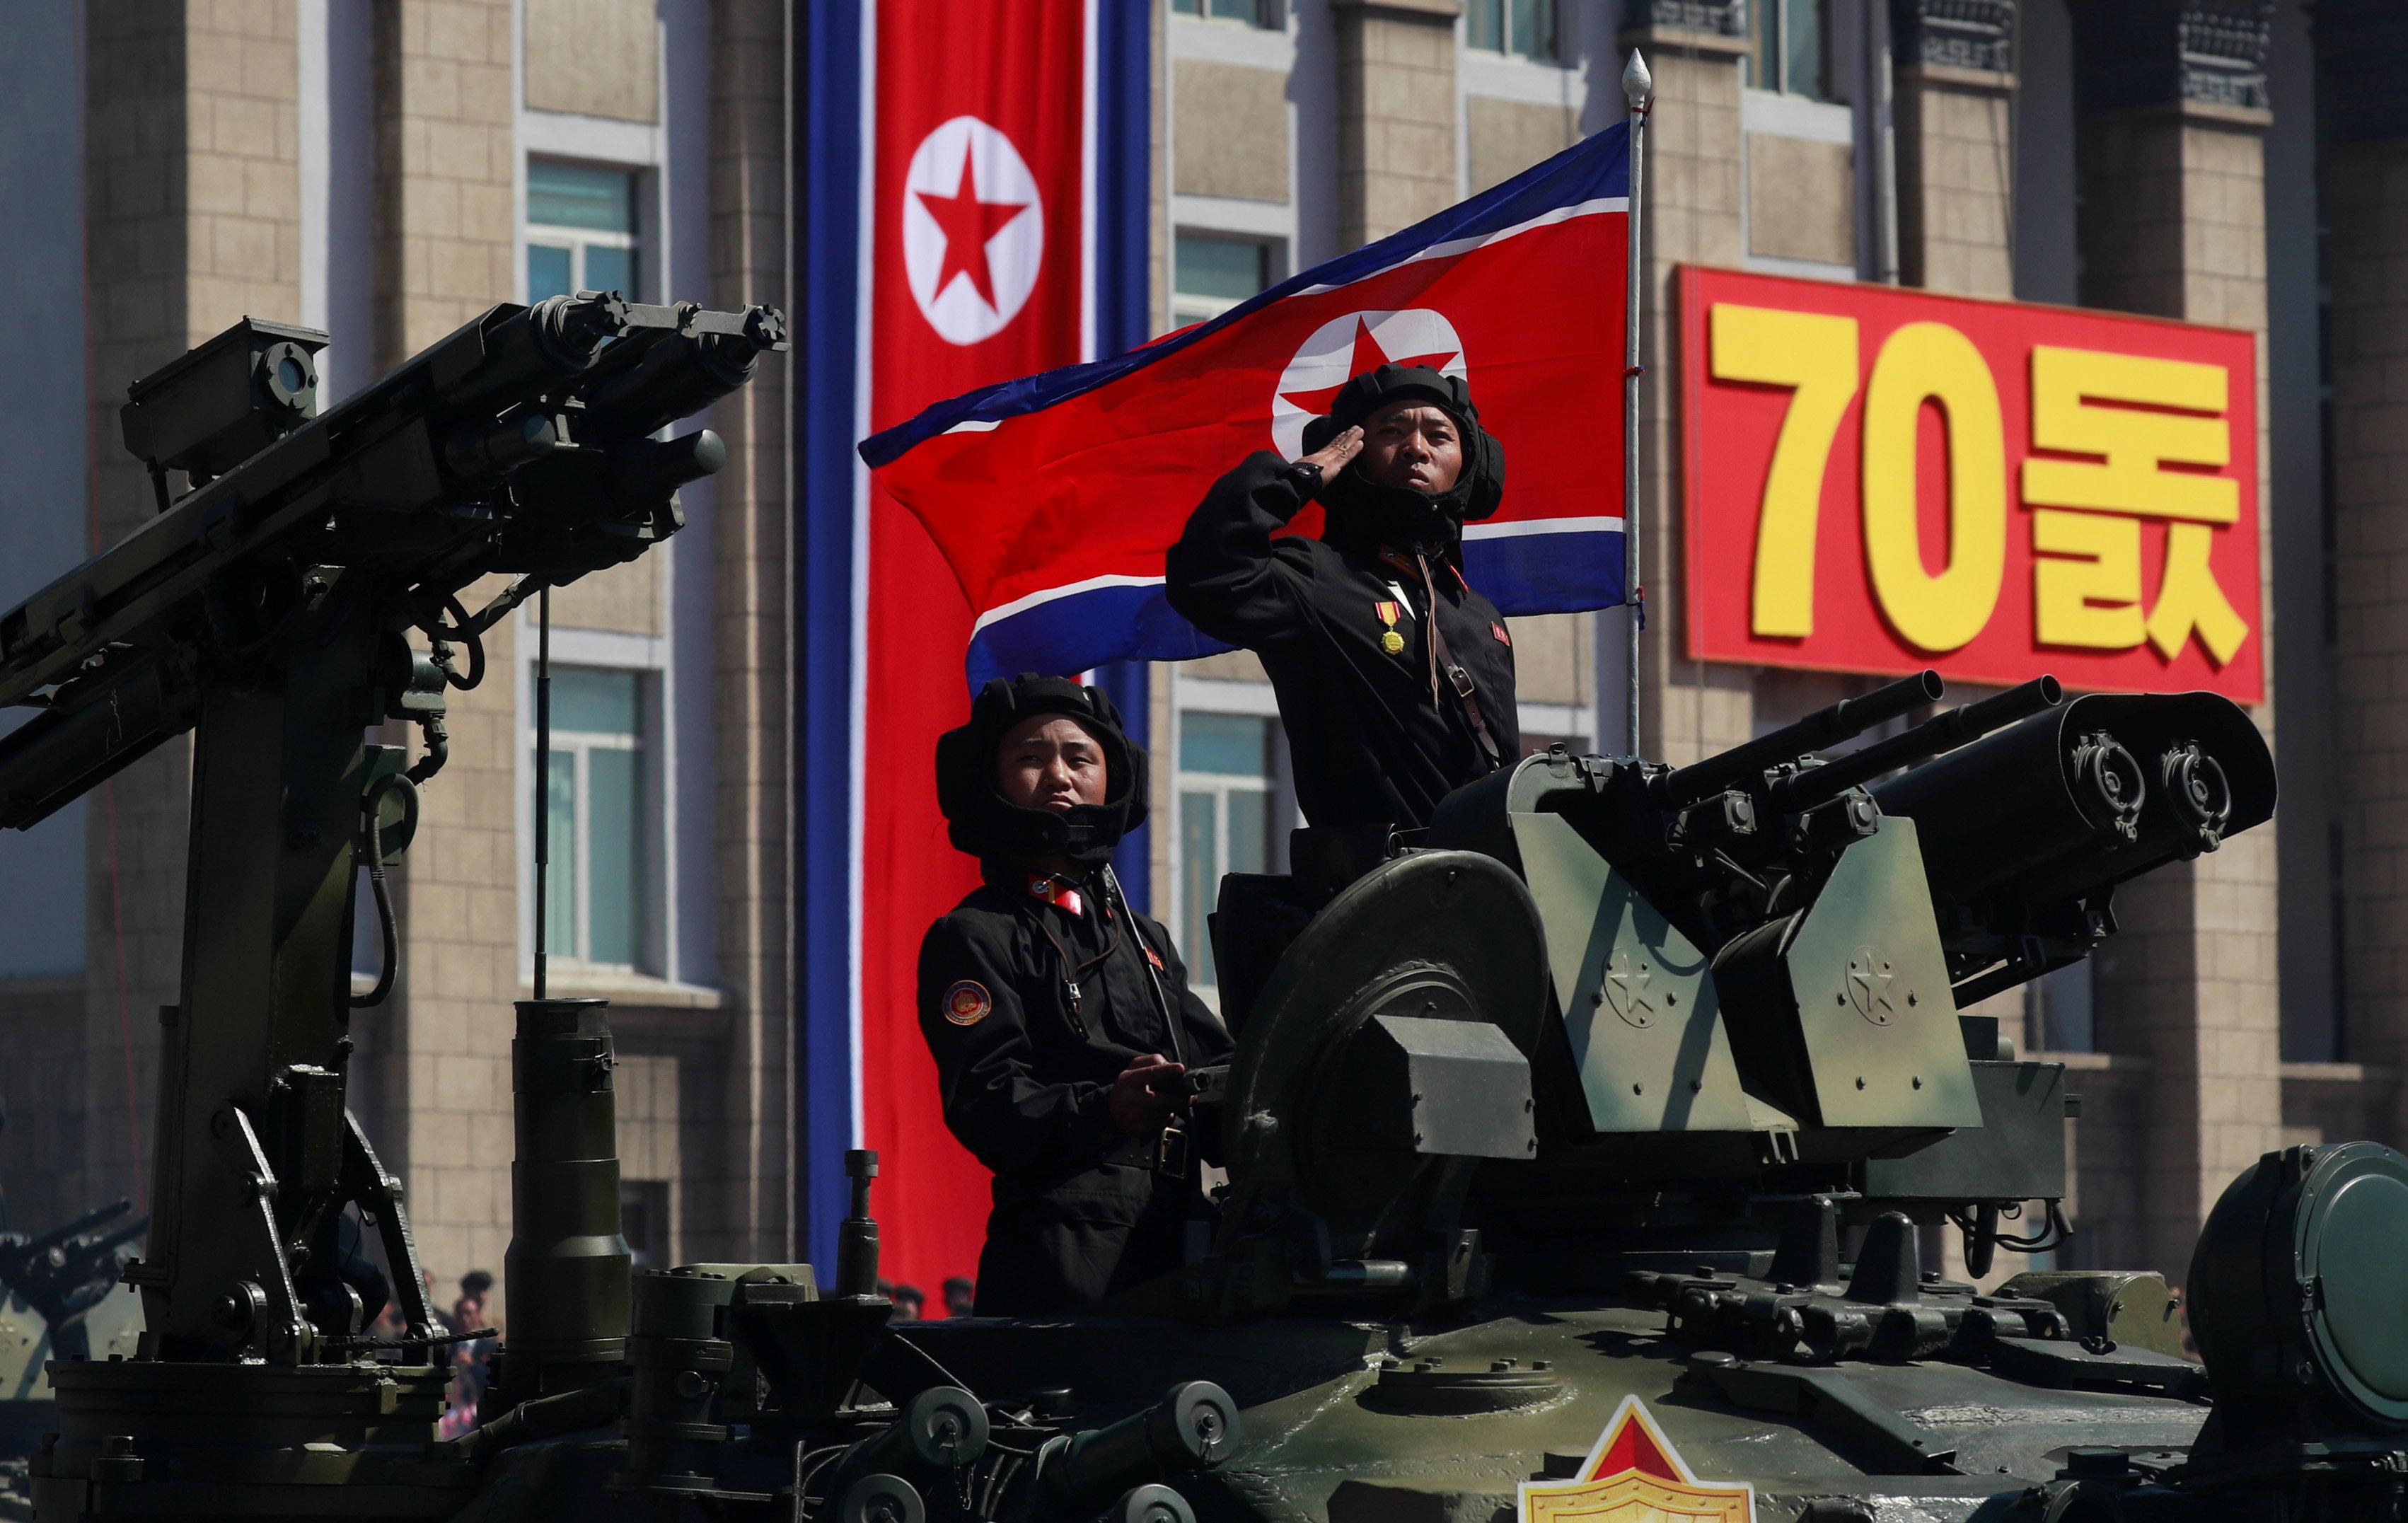 جندي يحيى وهو يركب دبابة خلال عرض عسكرى بمناسبة الذكرى السبعين لتأسيس كوريا الشمالية